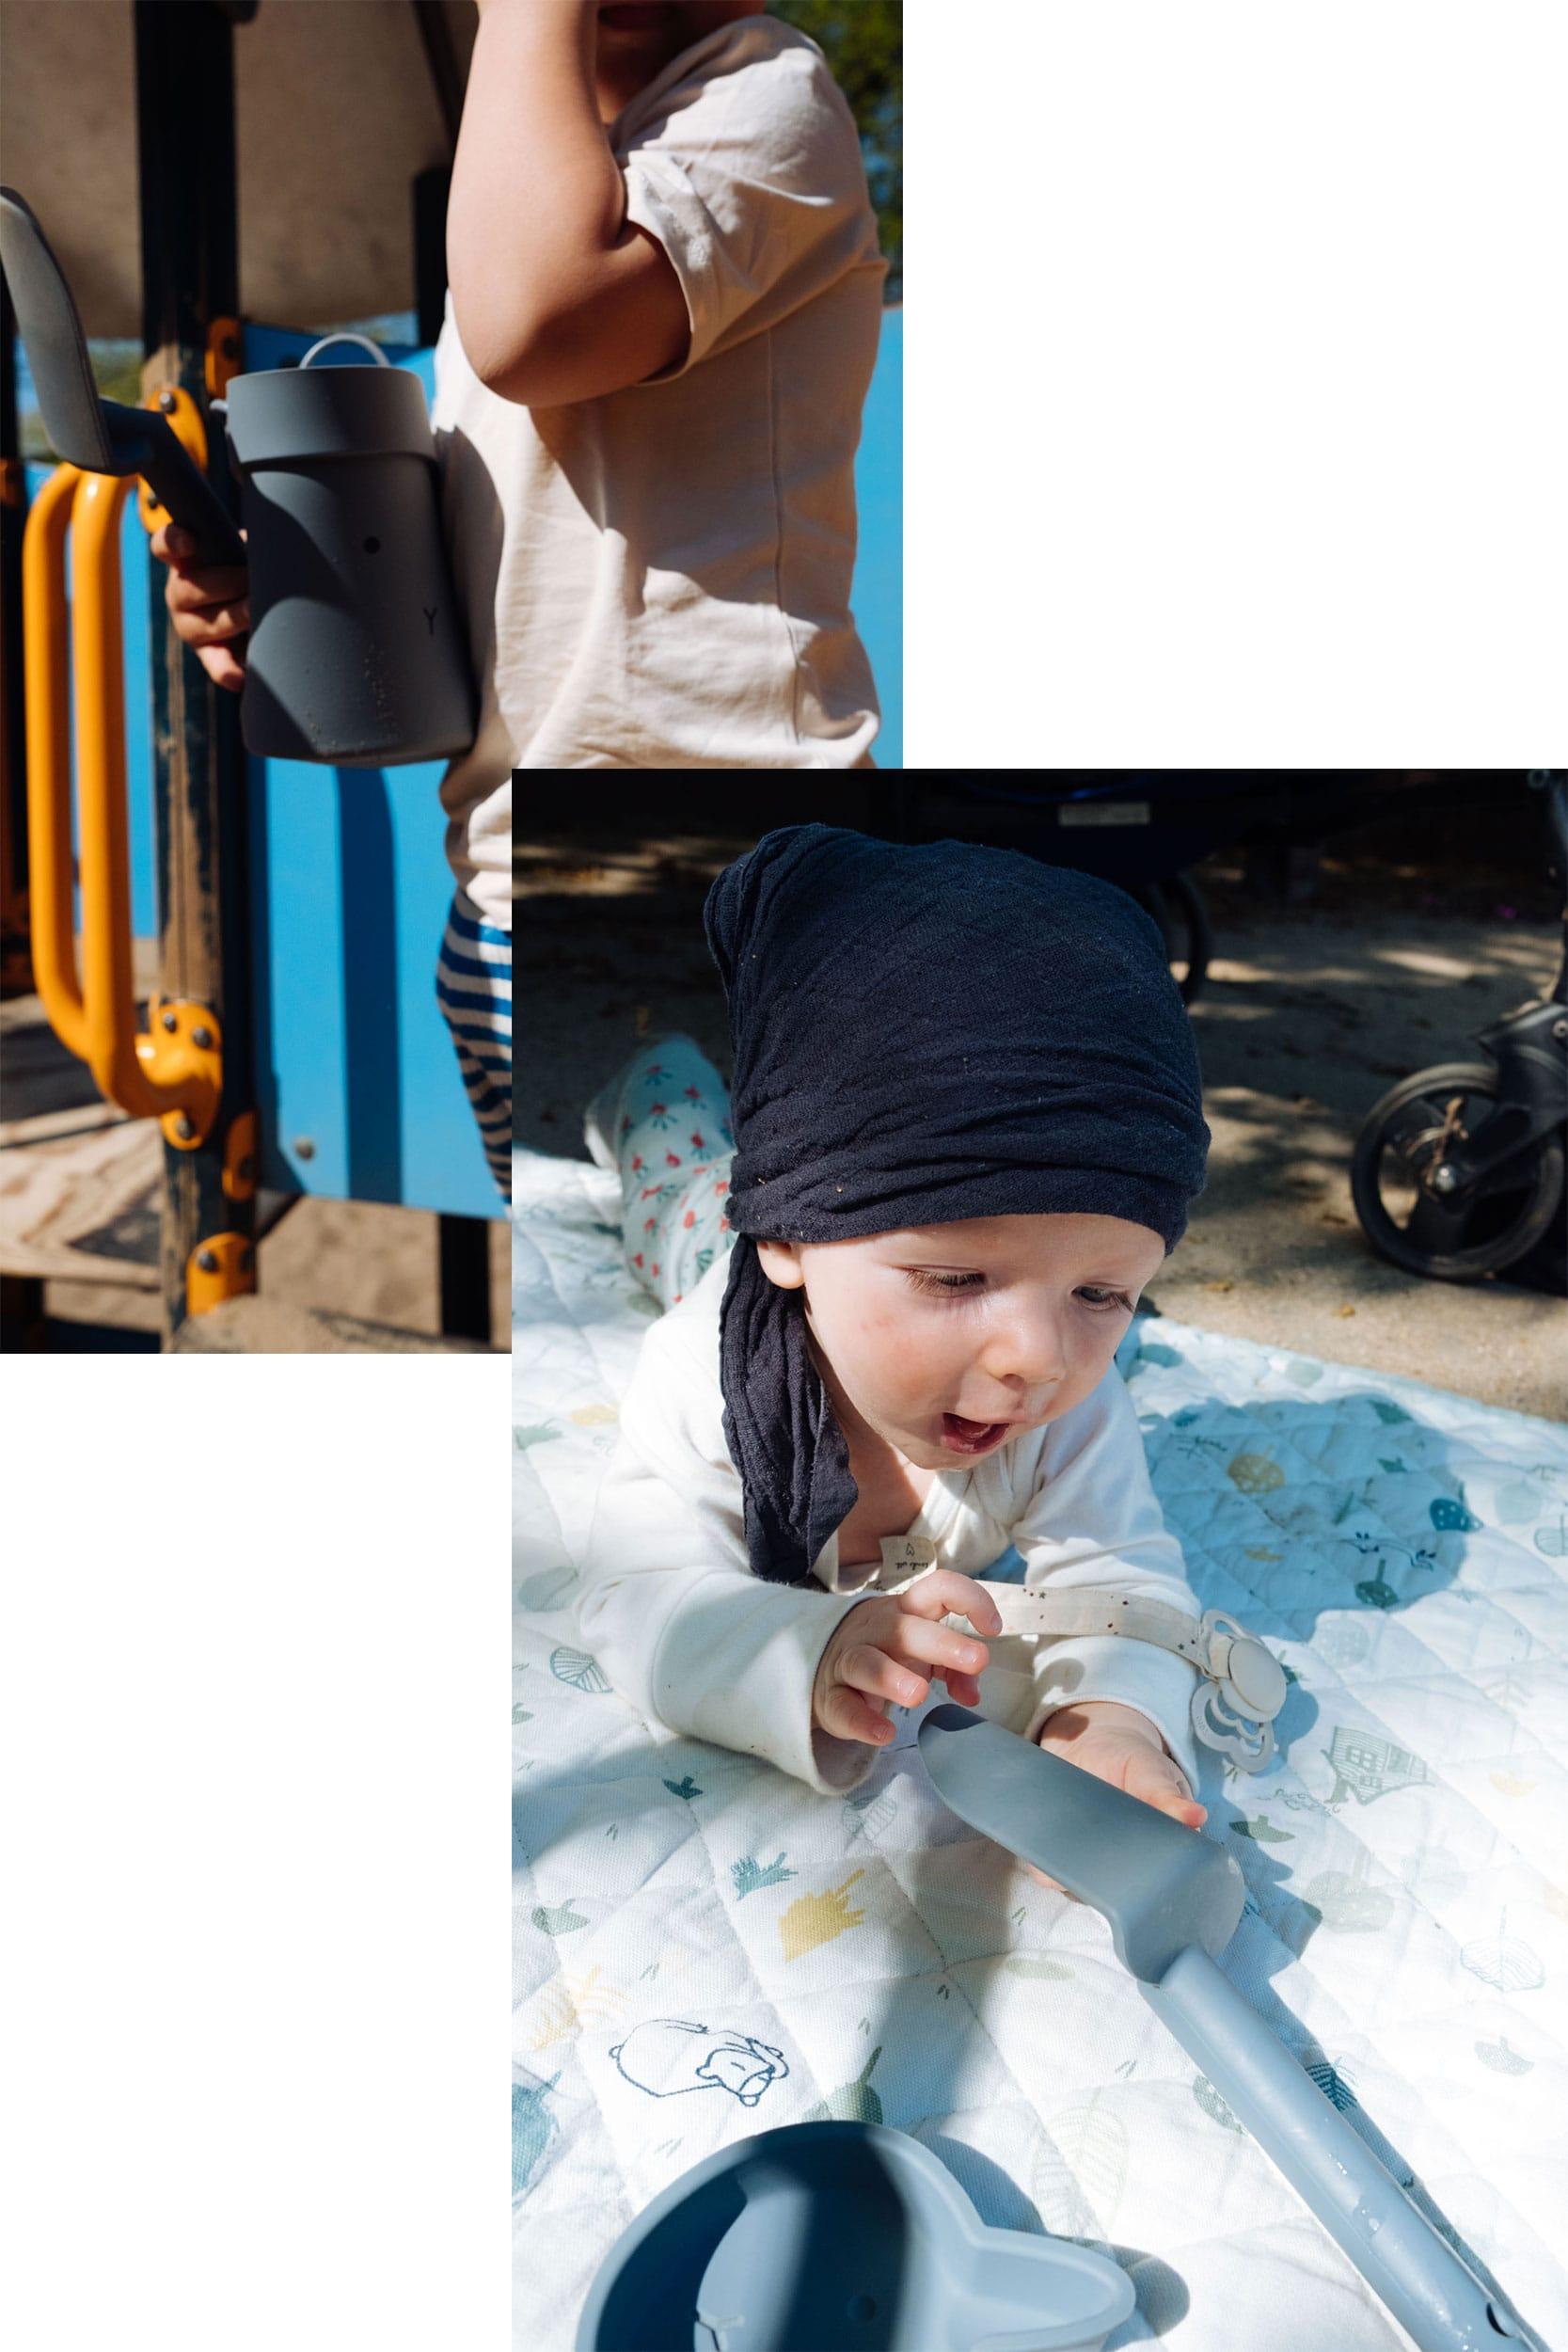 Spielplatzspaß mit Kyddo | Die schönsten Spielplatzbegleiter | Raus in die Sonne und ab in die Sandkiste